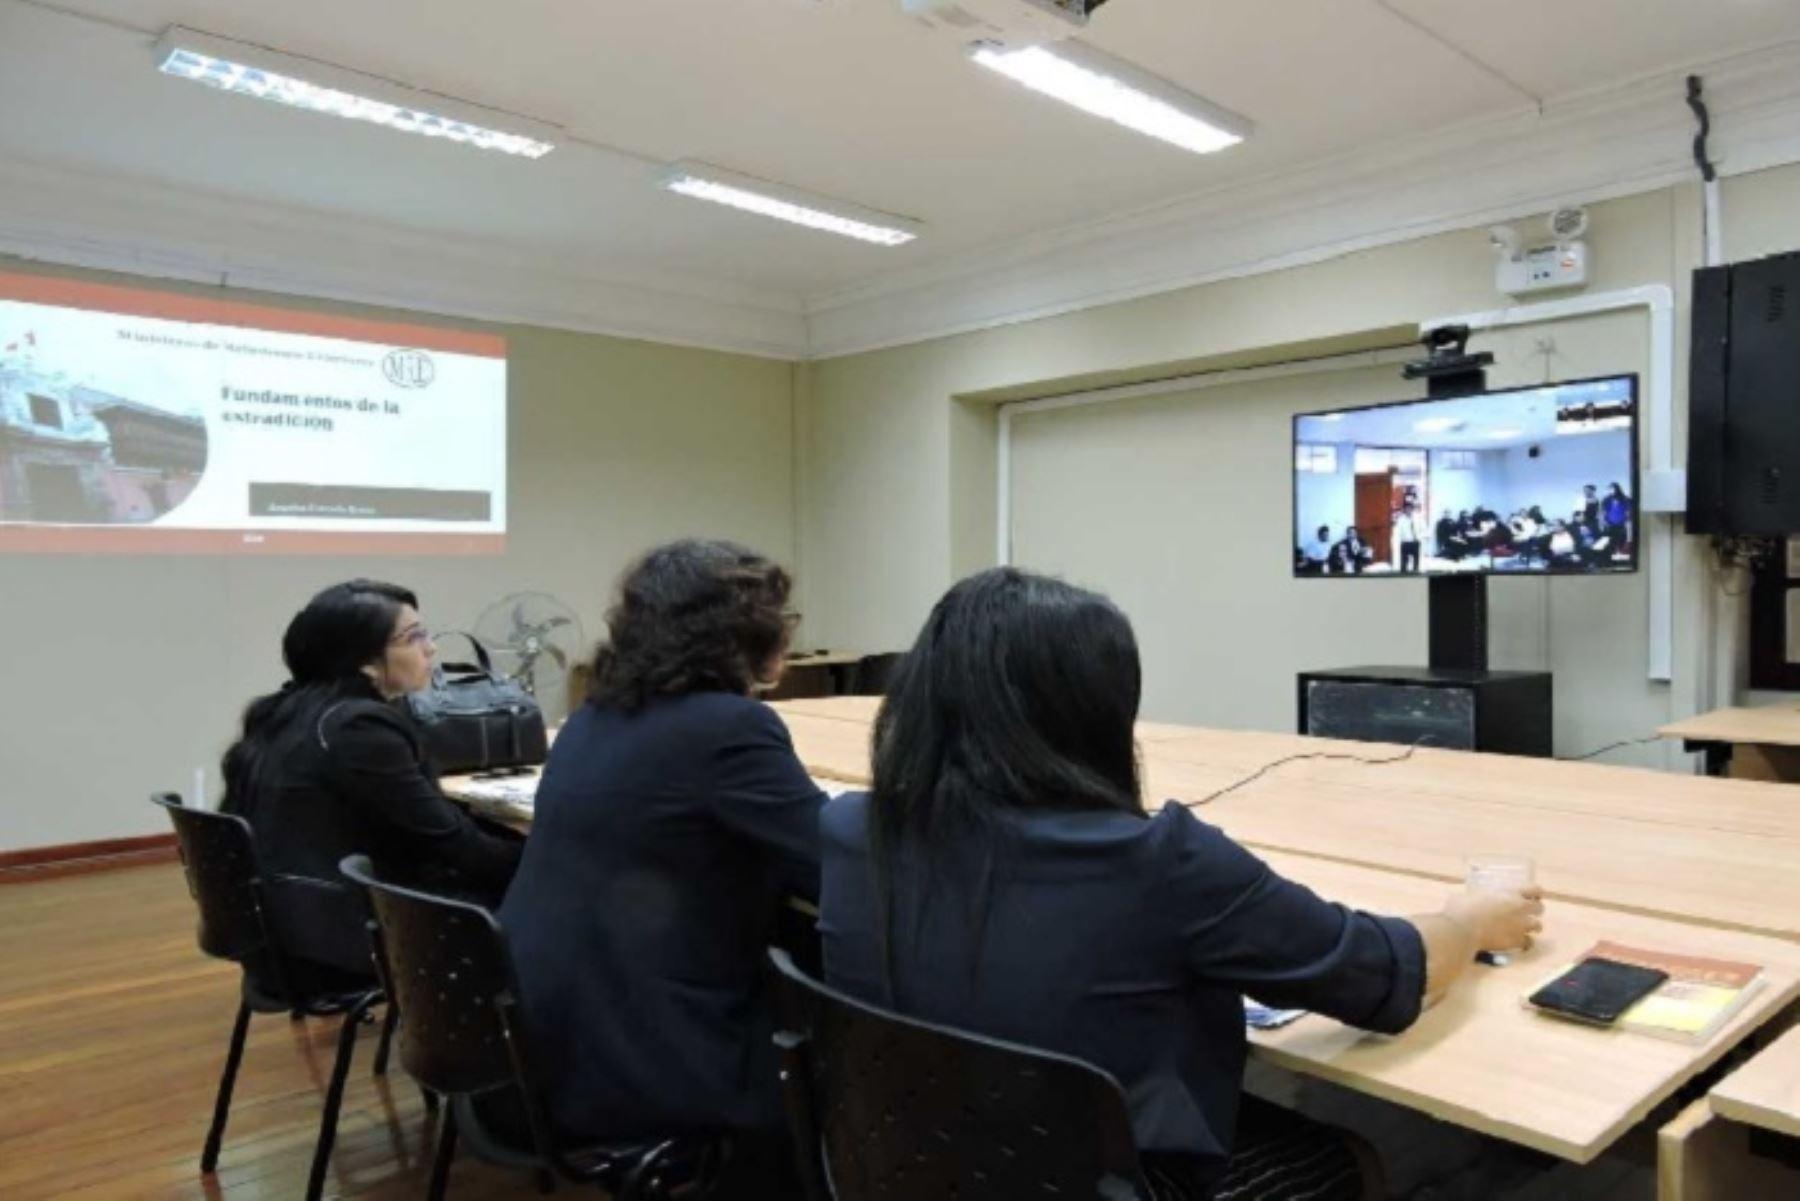 Especialistas de la Cancillería, Minjusdh y Fiscalía de la Nación dictan taller organizado por la UETI-CPP del Poder Judicial